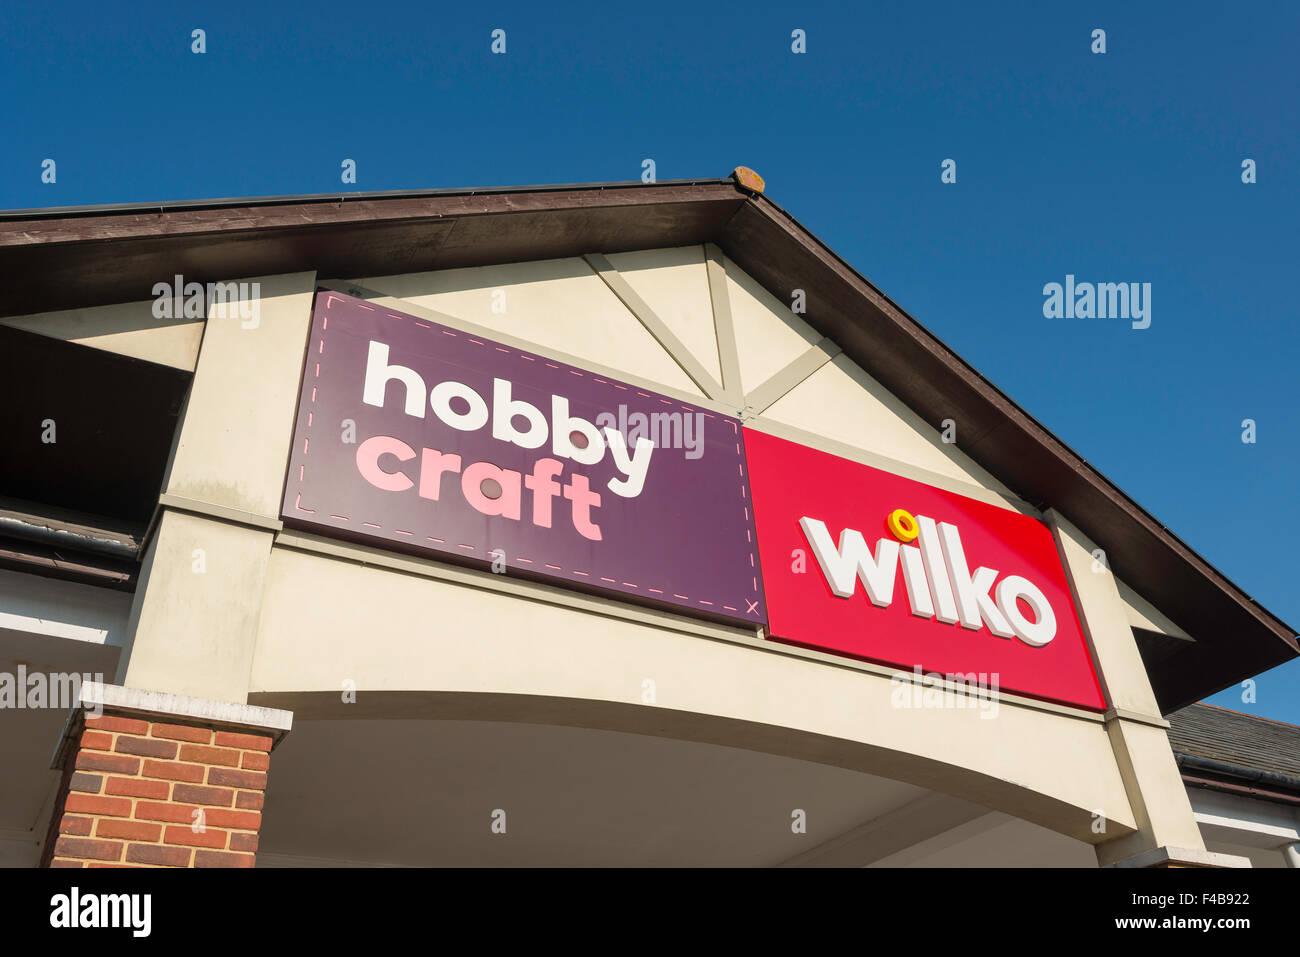 Hobby Craft & Wilko entrada, dos ríos Shopping Center, Staines-upon-Thames, Surrey, Inglaterra, Reino Unido Imagen De Stock